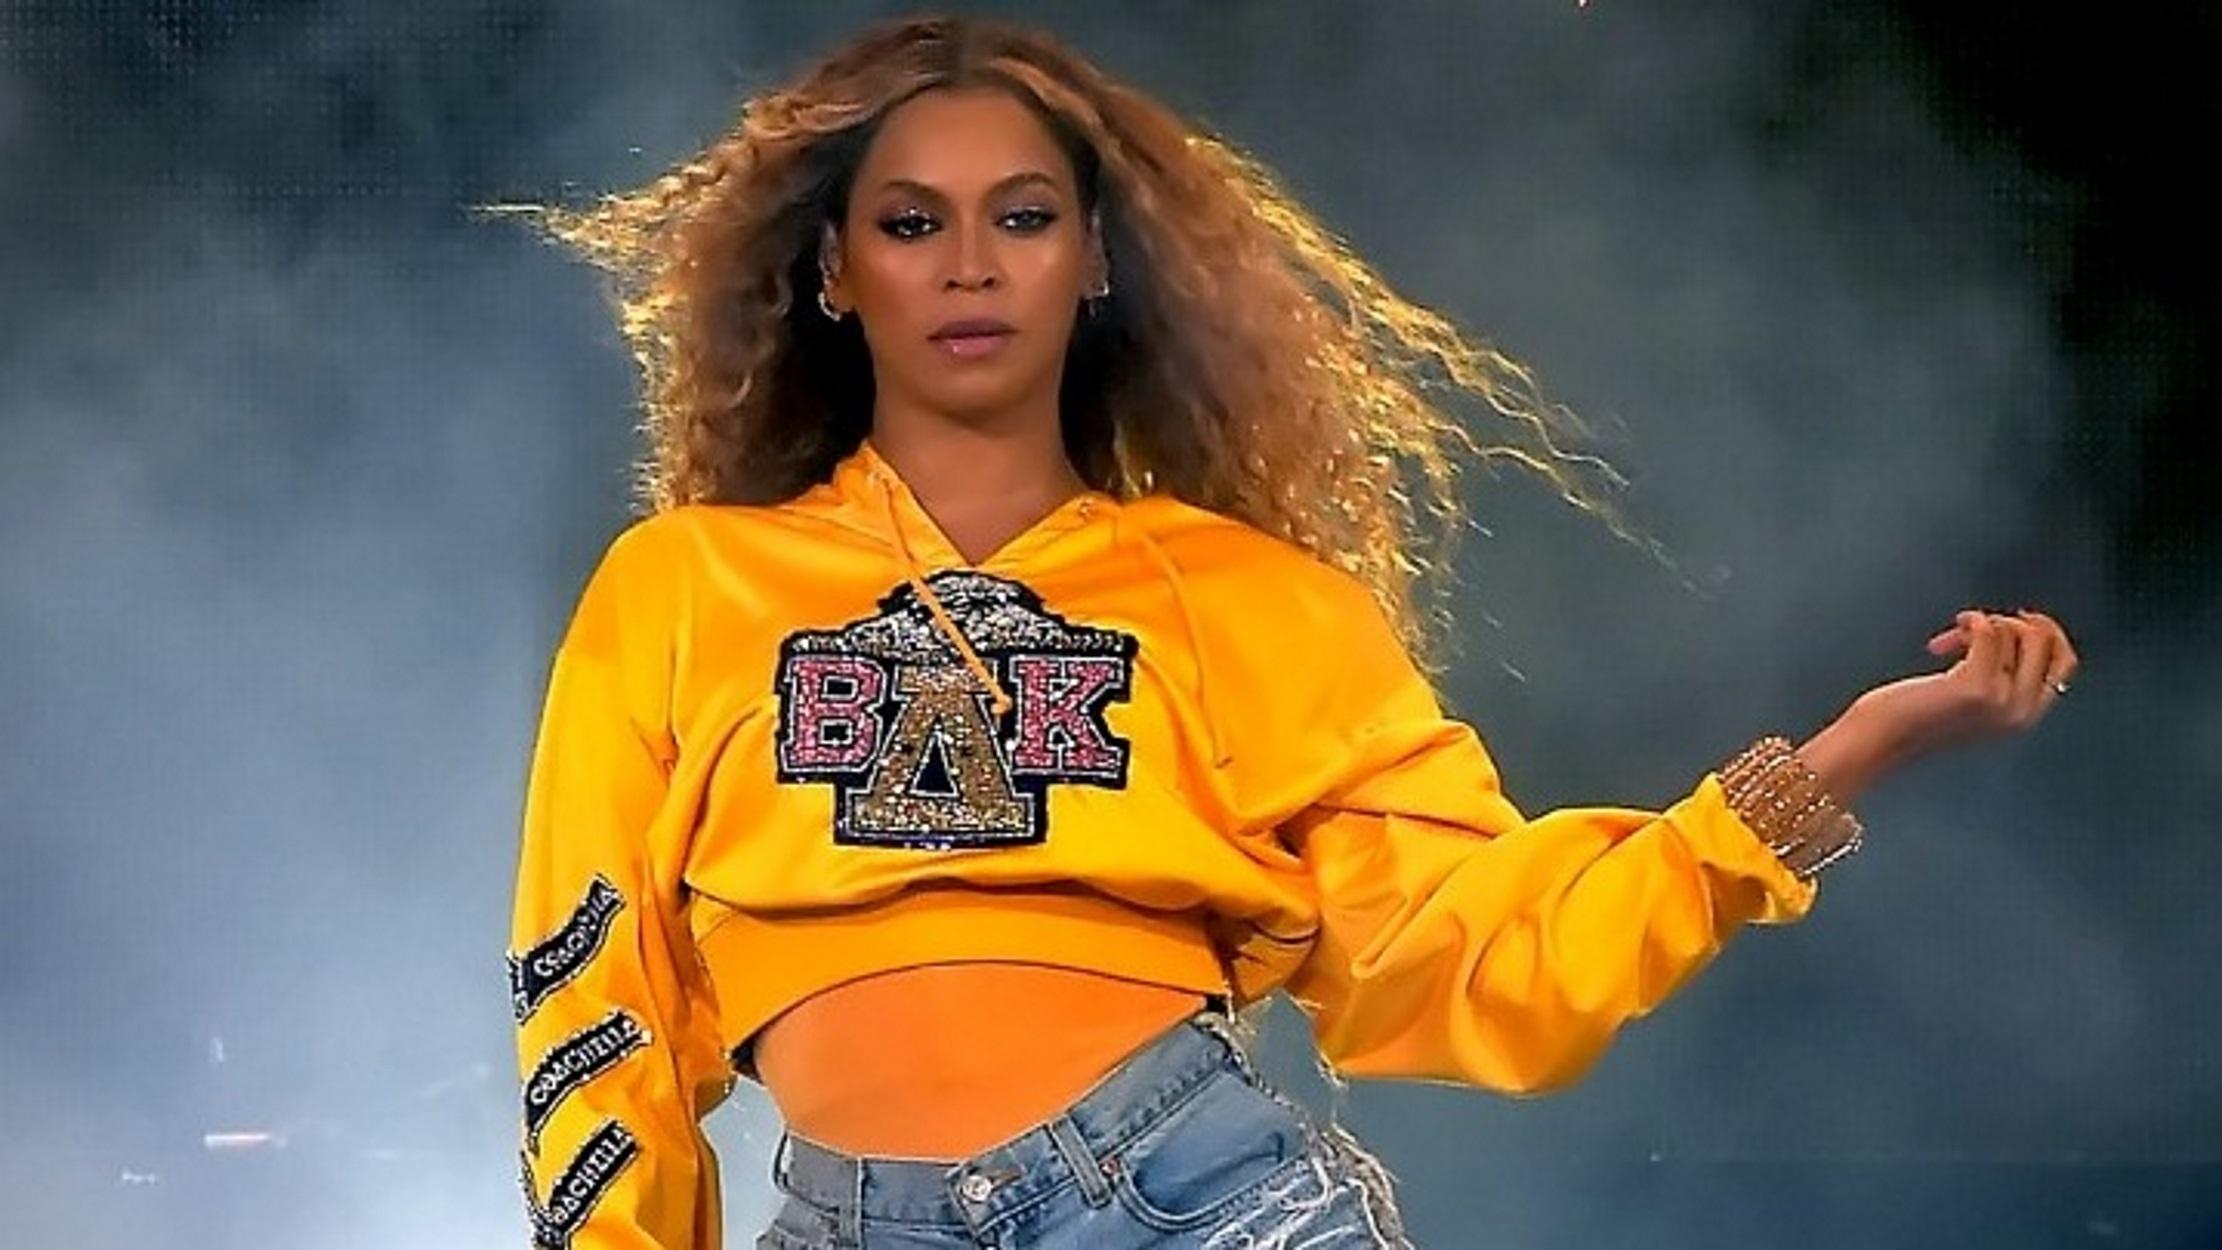 Η Beyonce έγινε 40: Χρόνια πολλά από τους διάσημους φίλους της